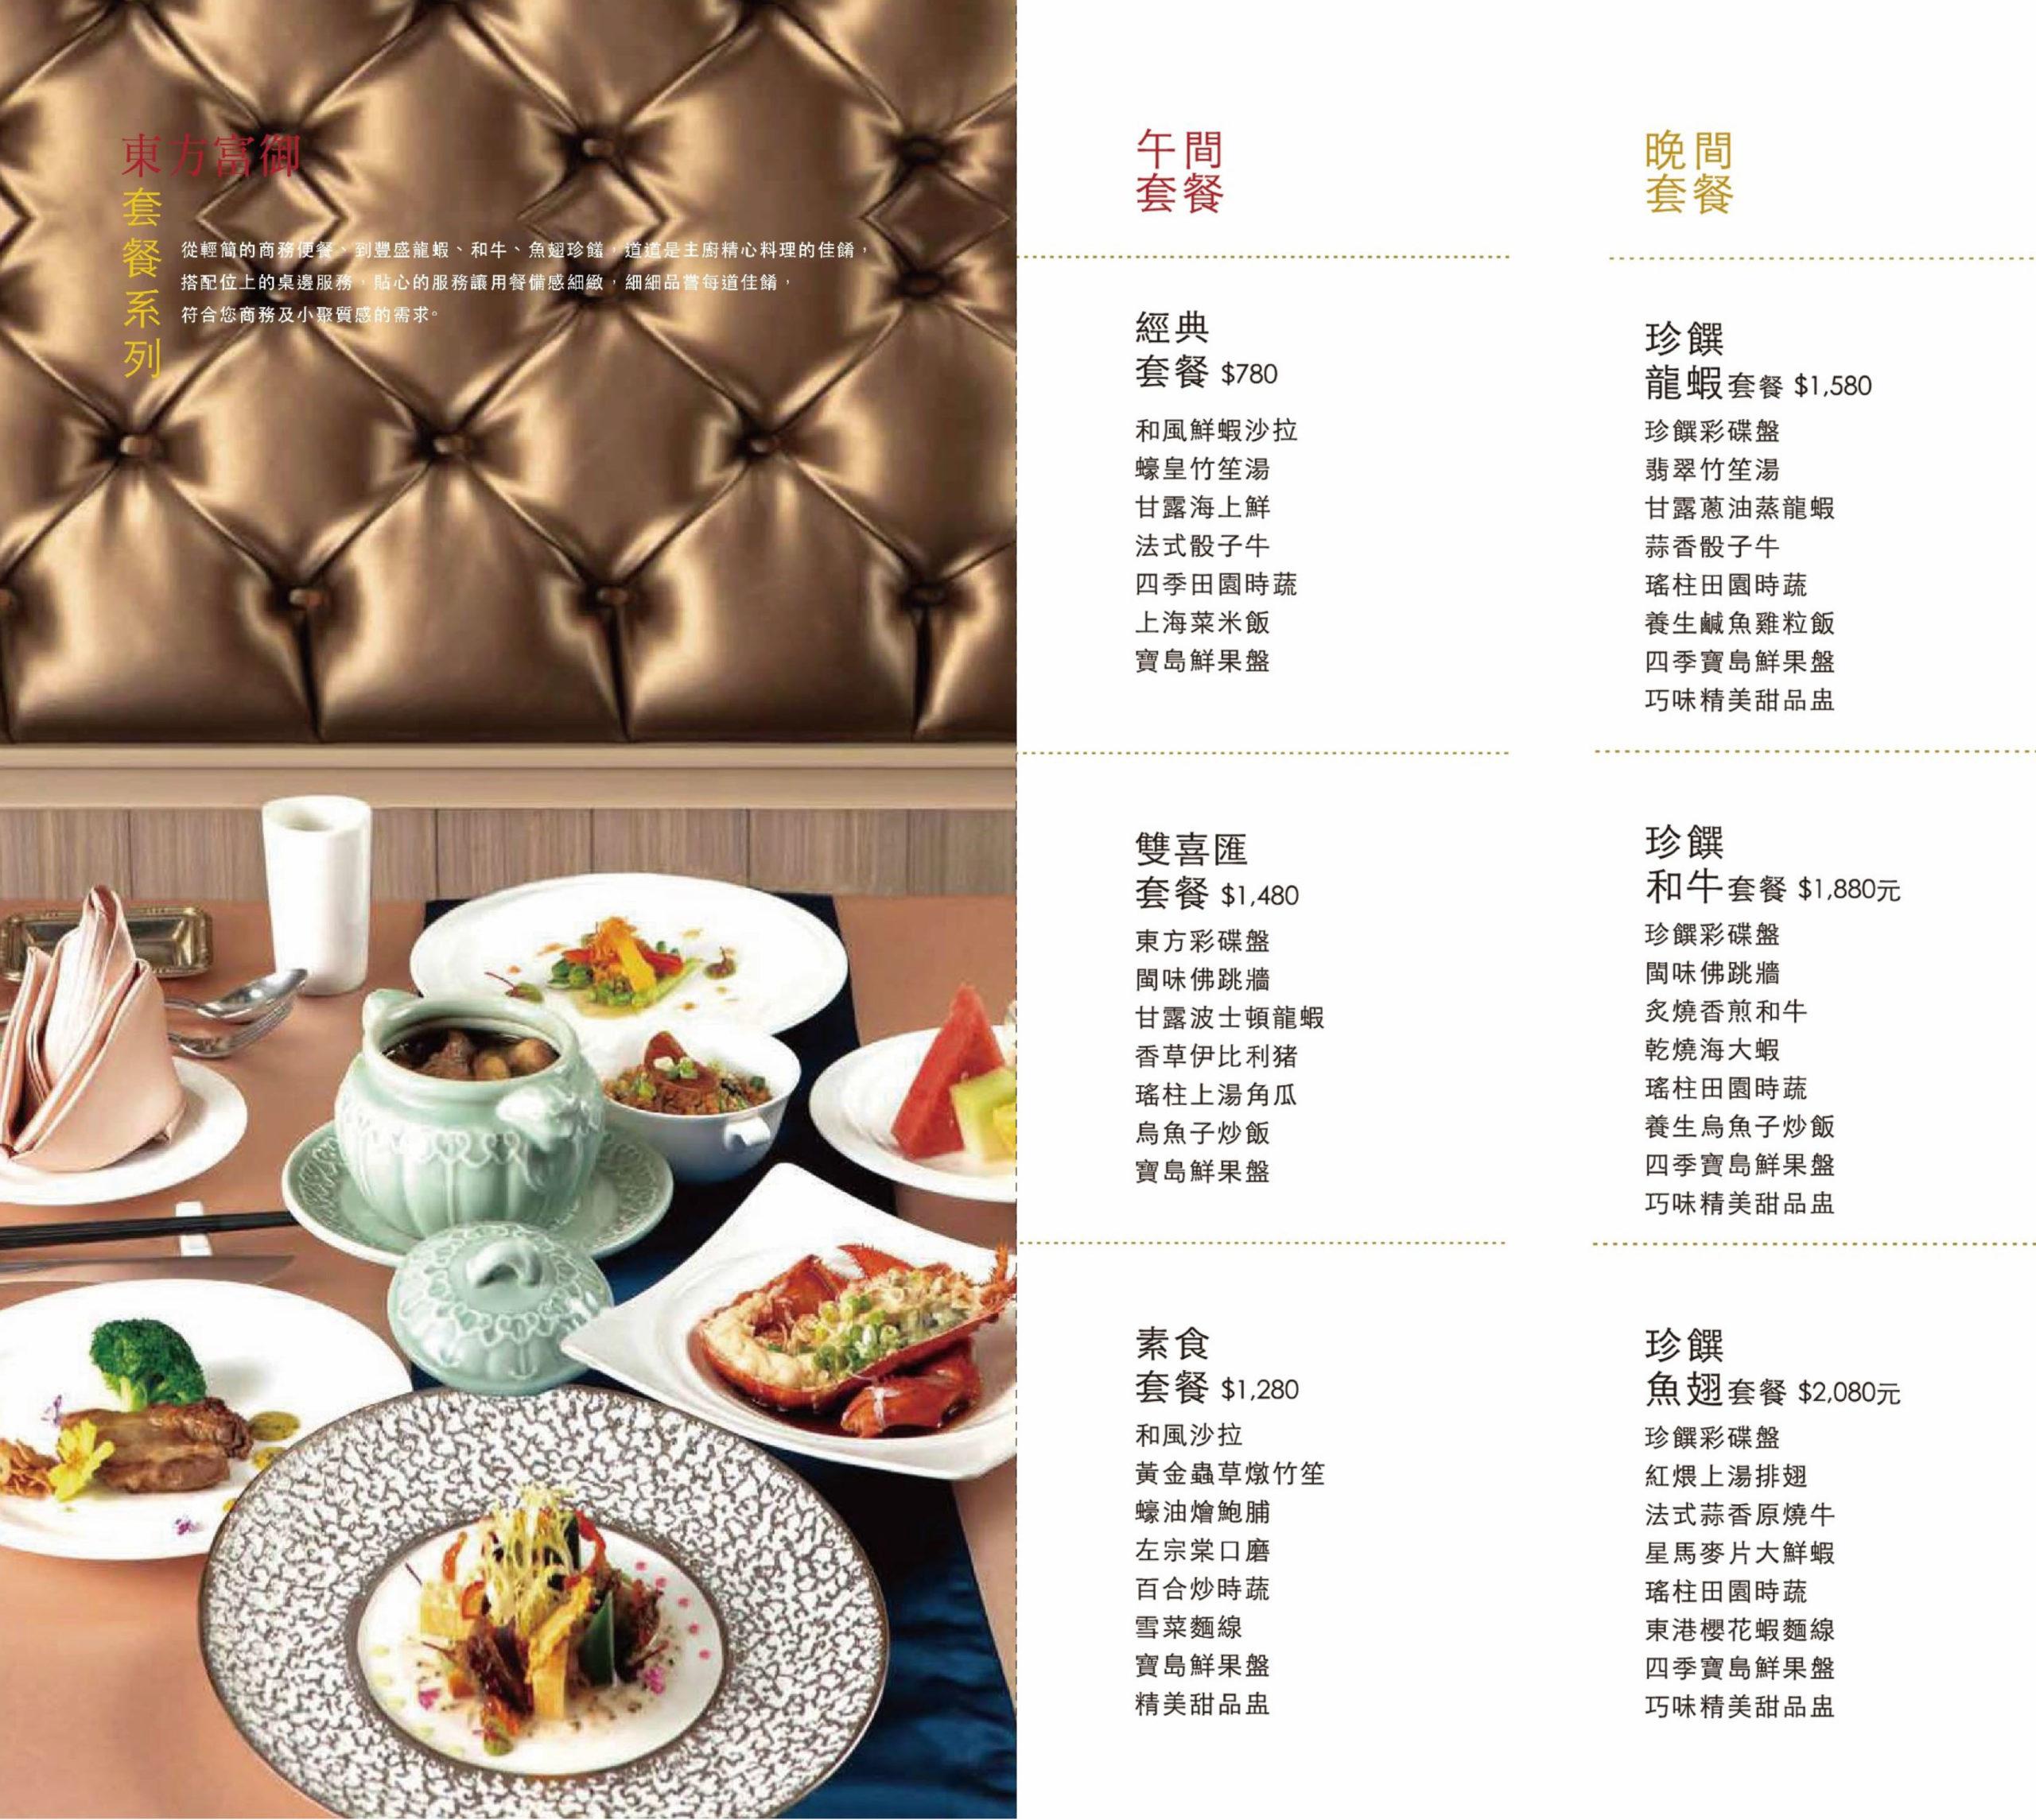 東方富御數位菜單2